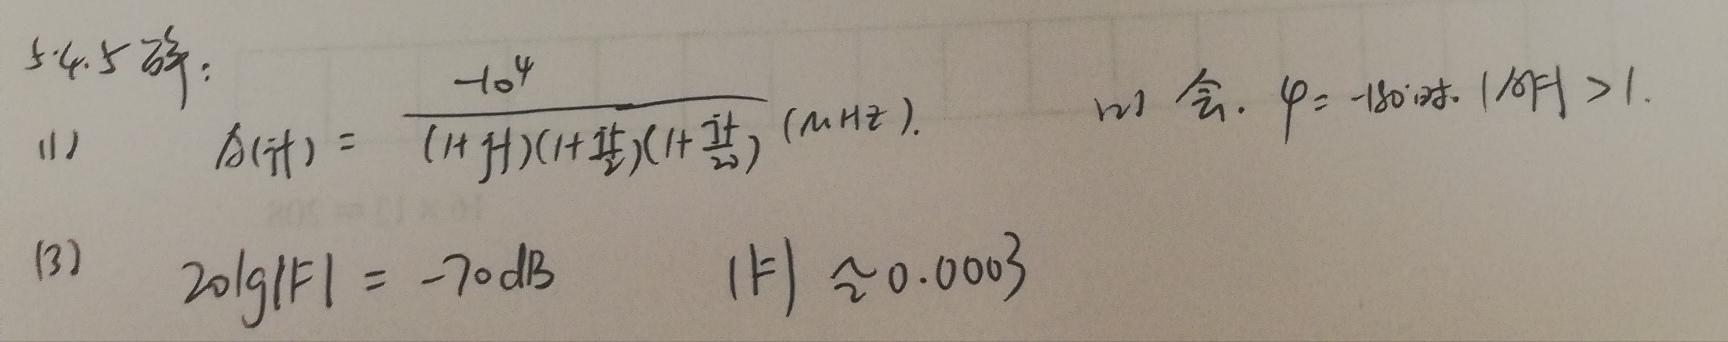 5_4_5.jpg